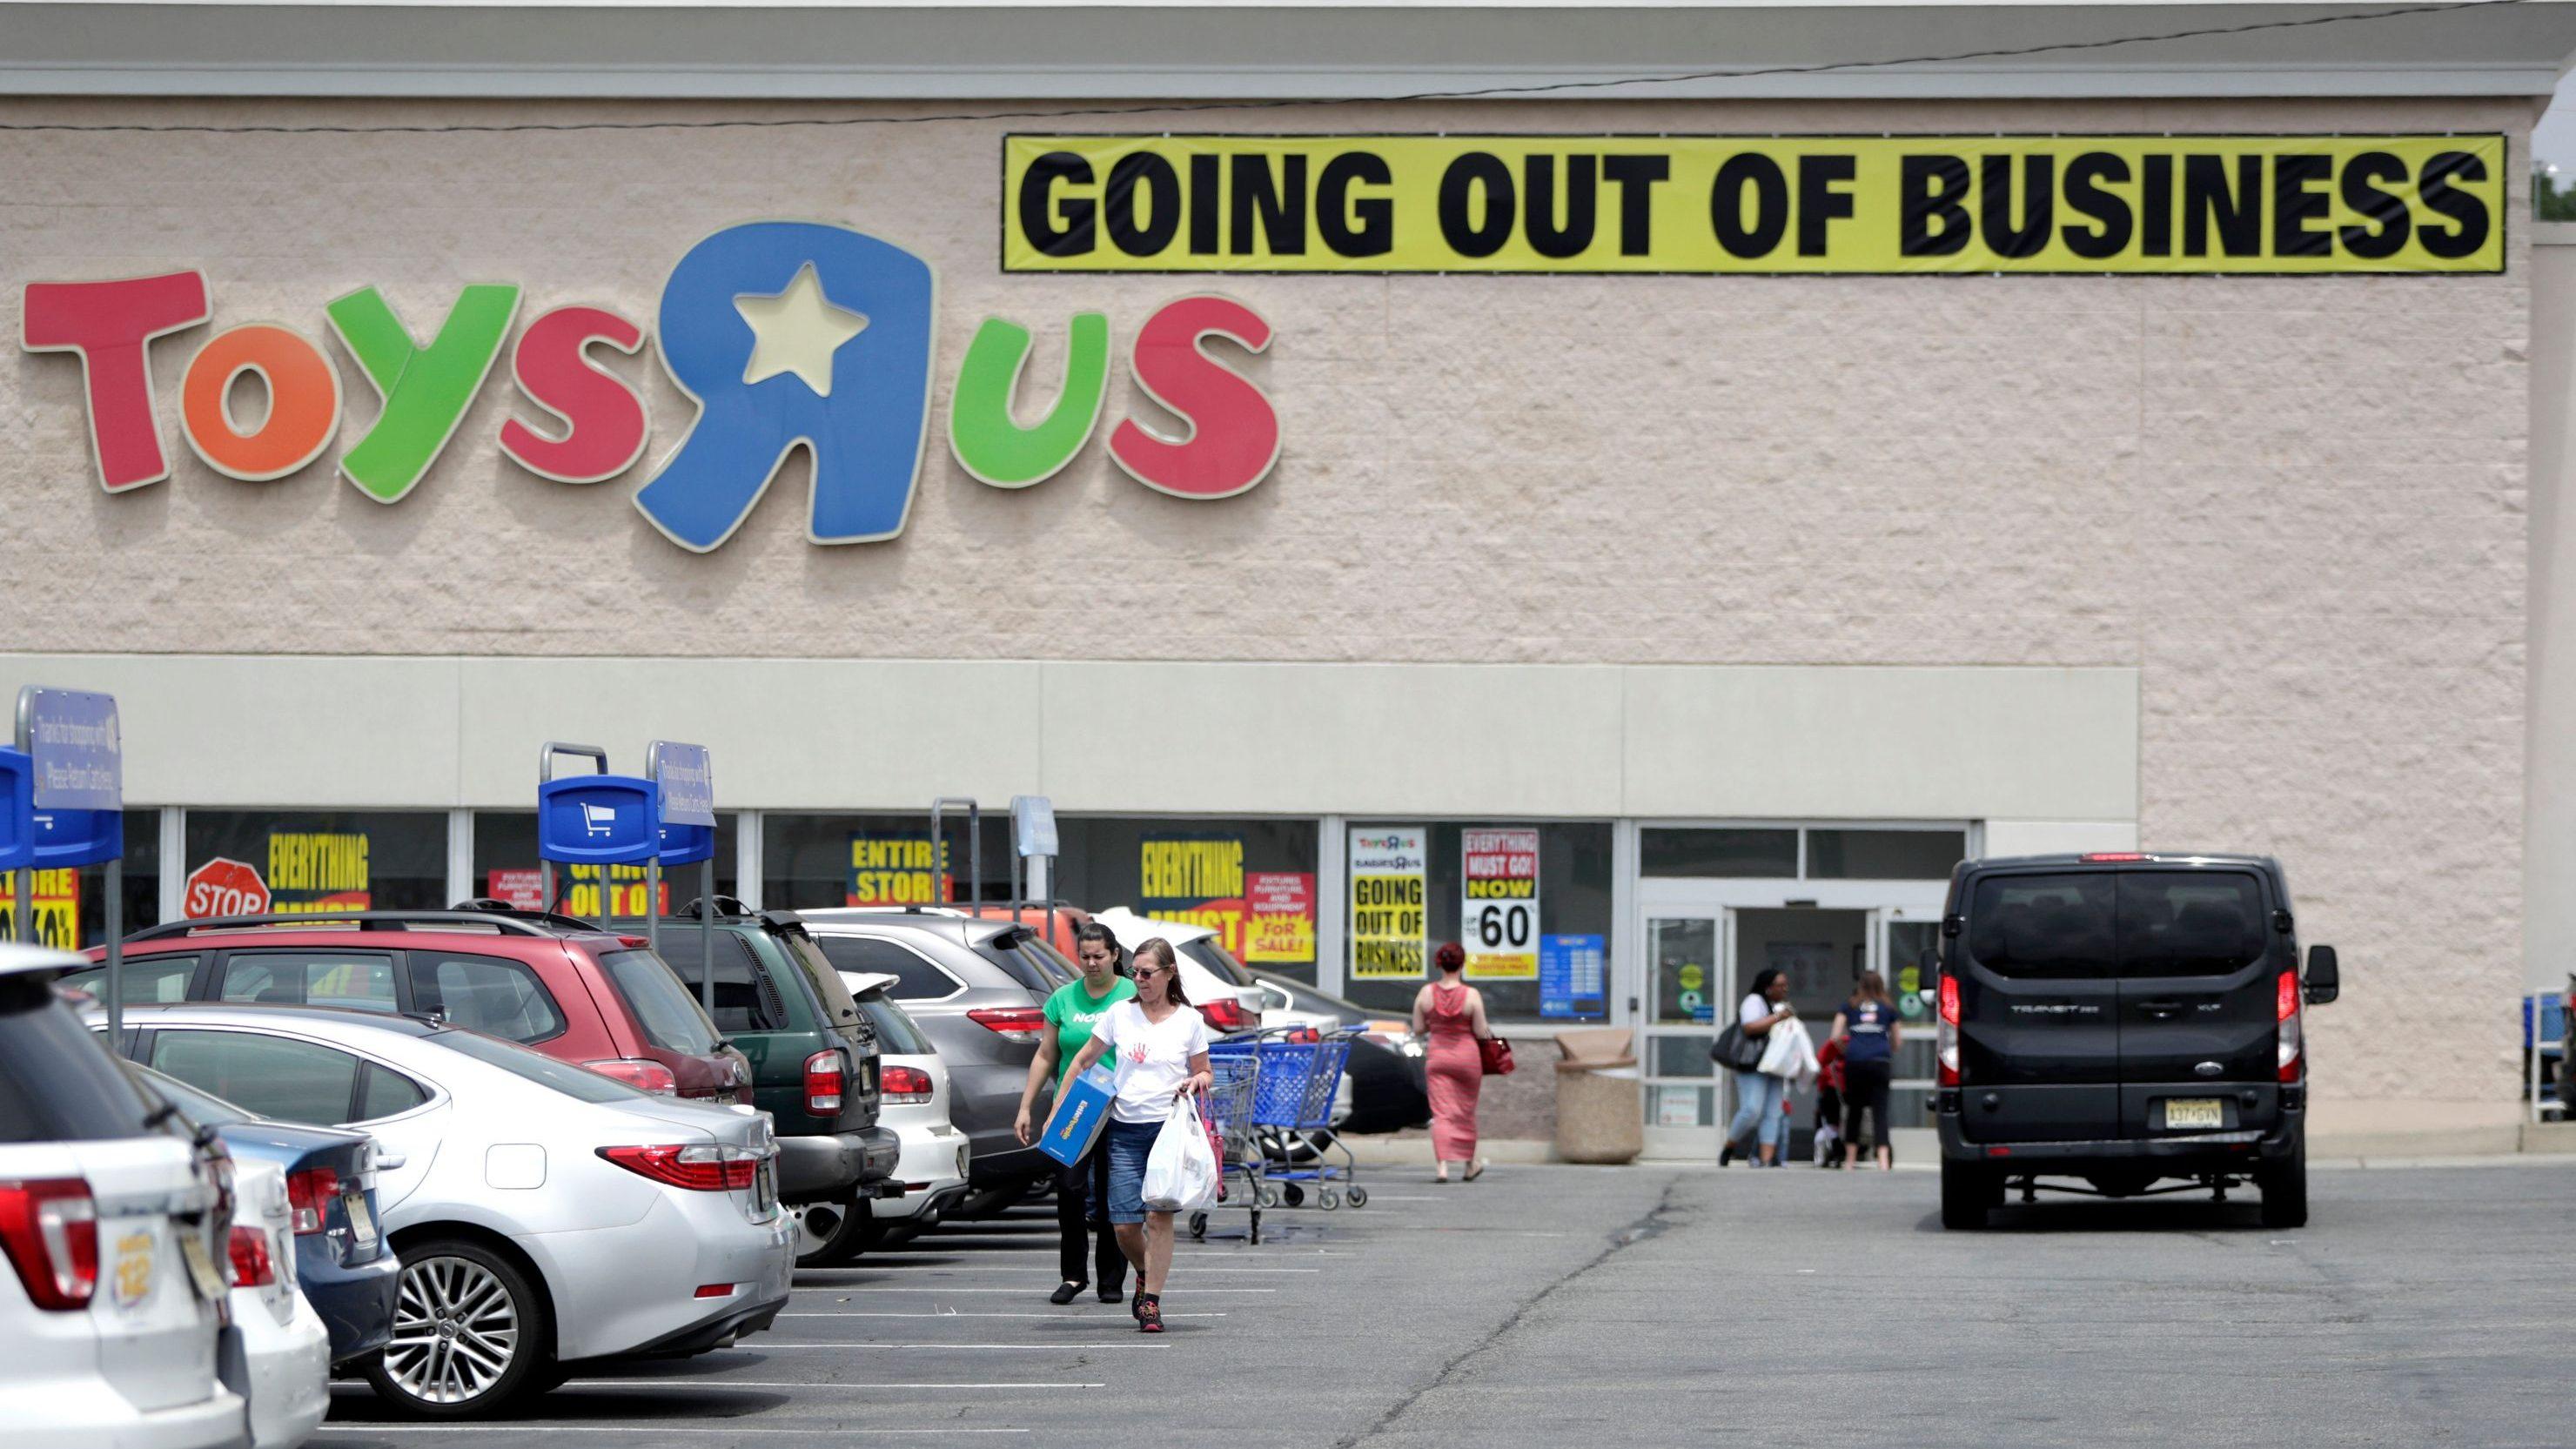 Amazon is capitalizing on the demise of Toys R Us — Quartz